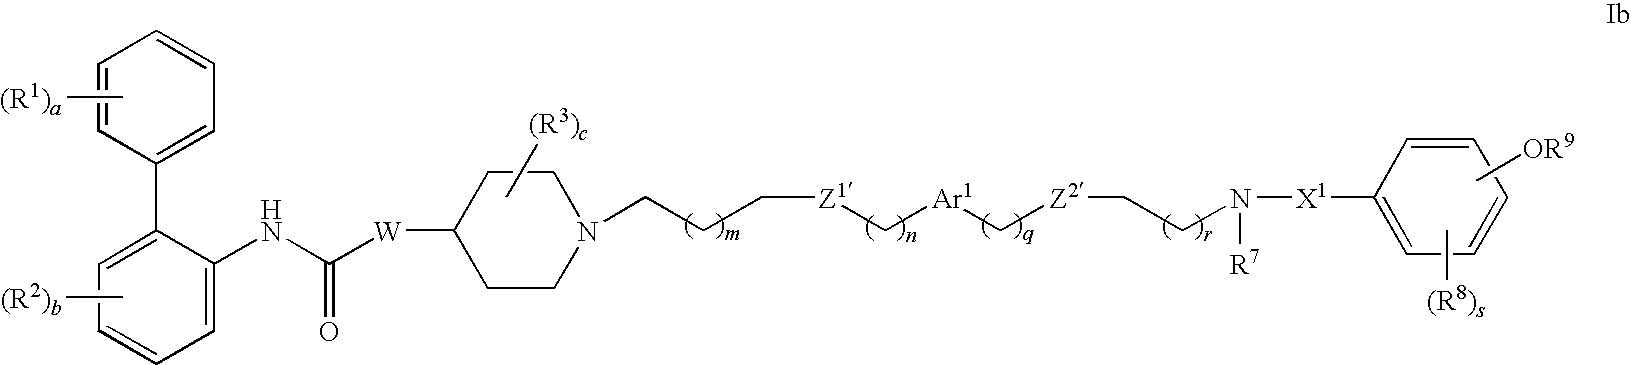 Figure US07659403-20100209-C00013